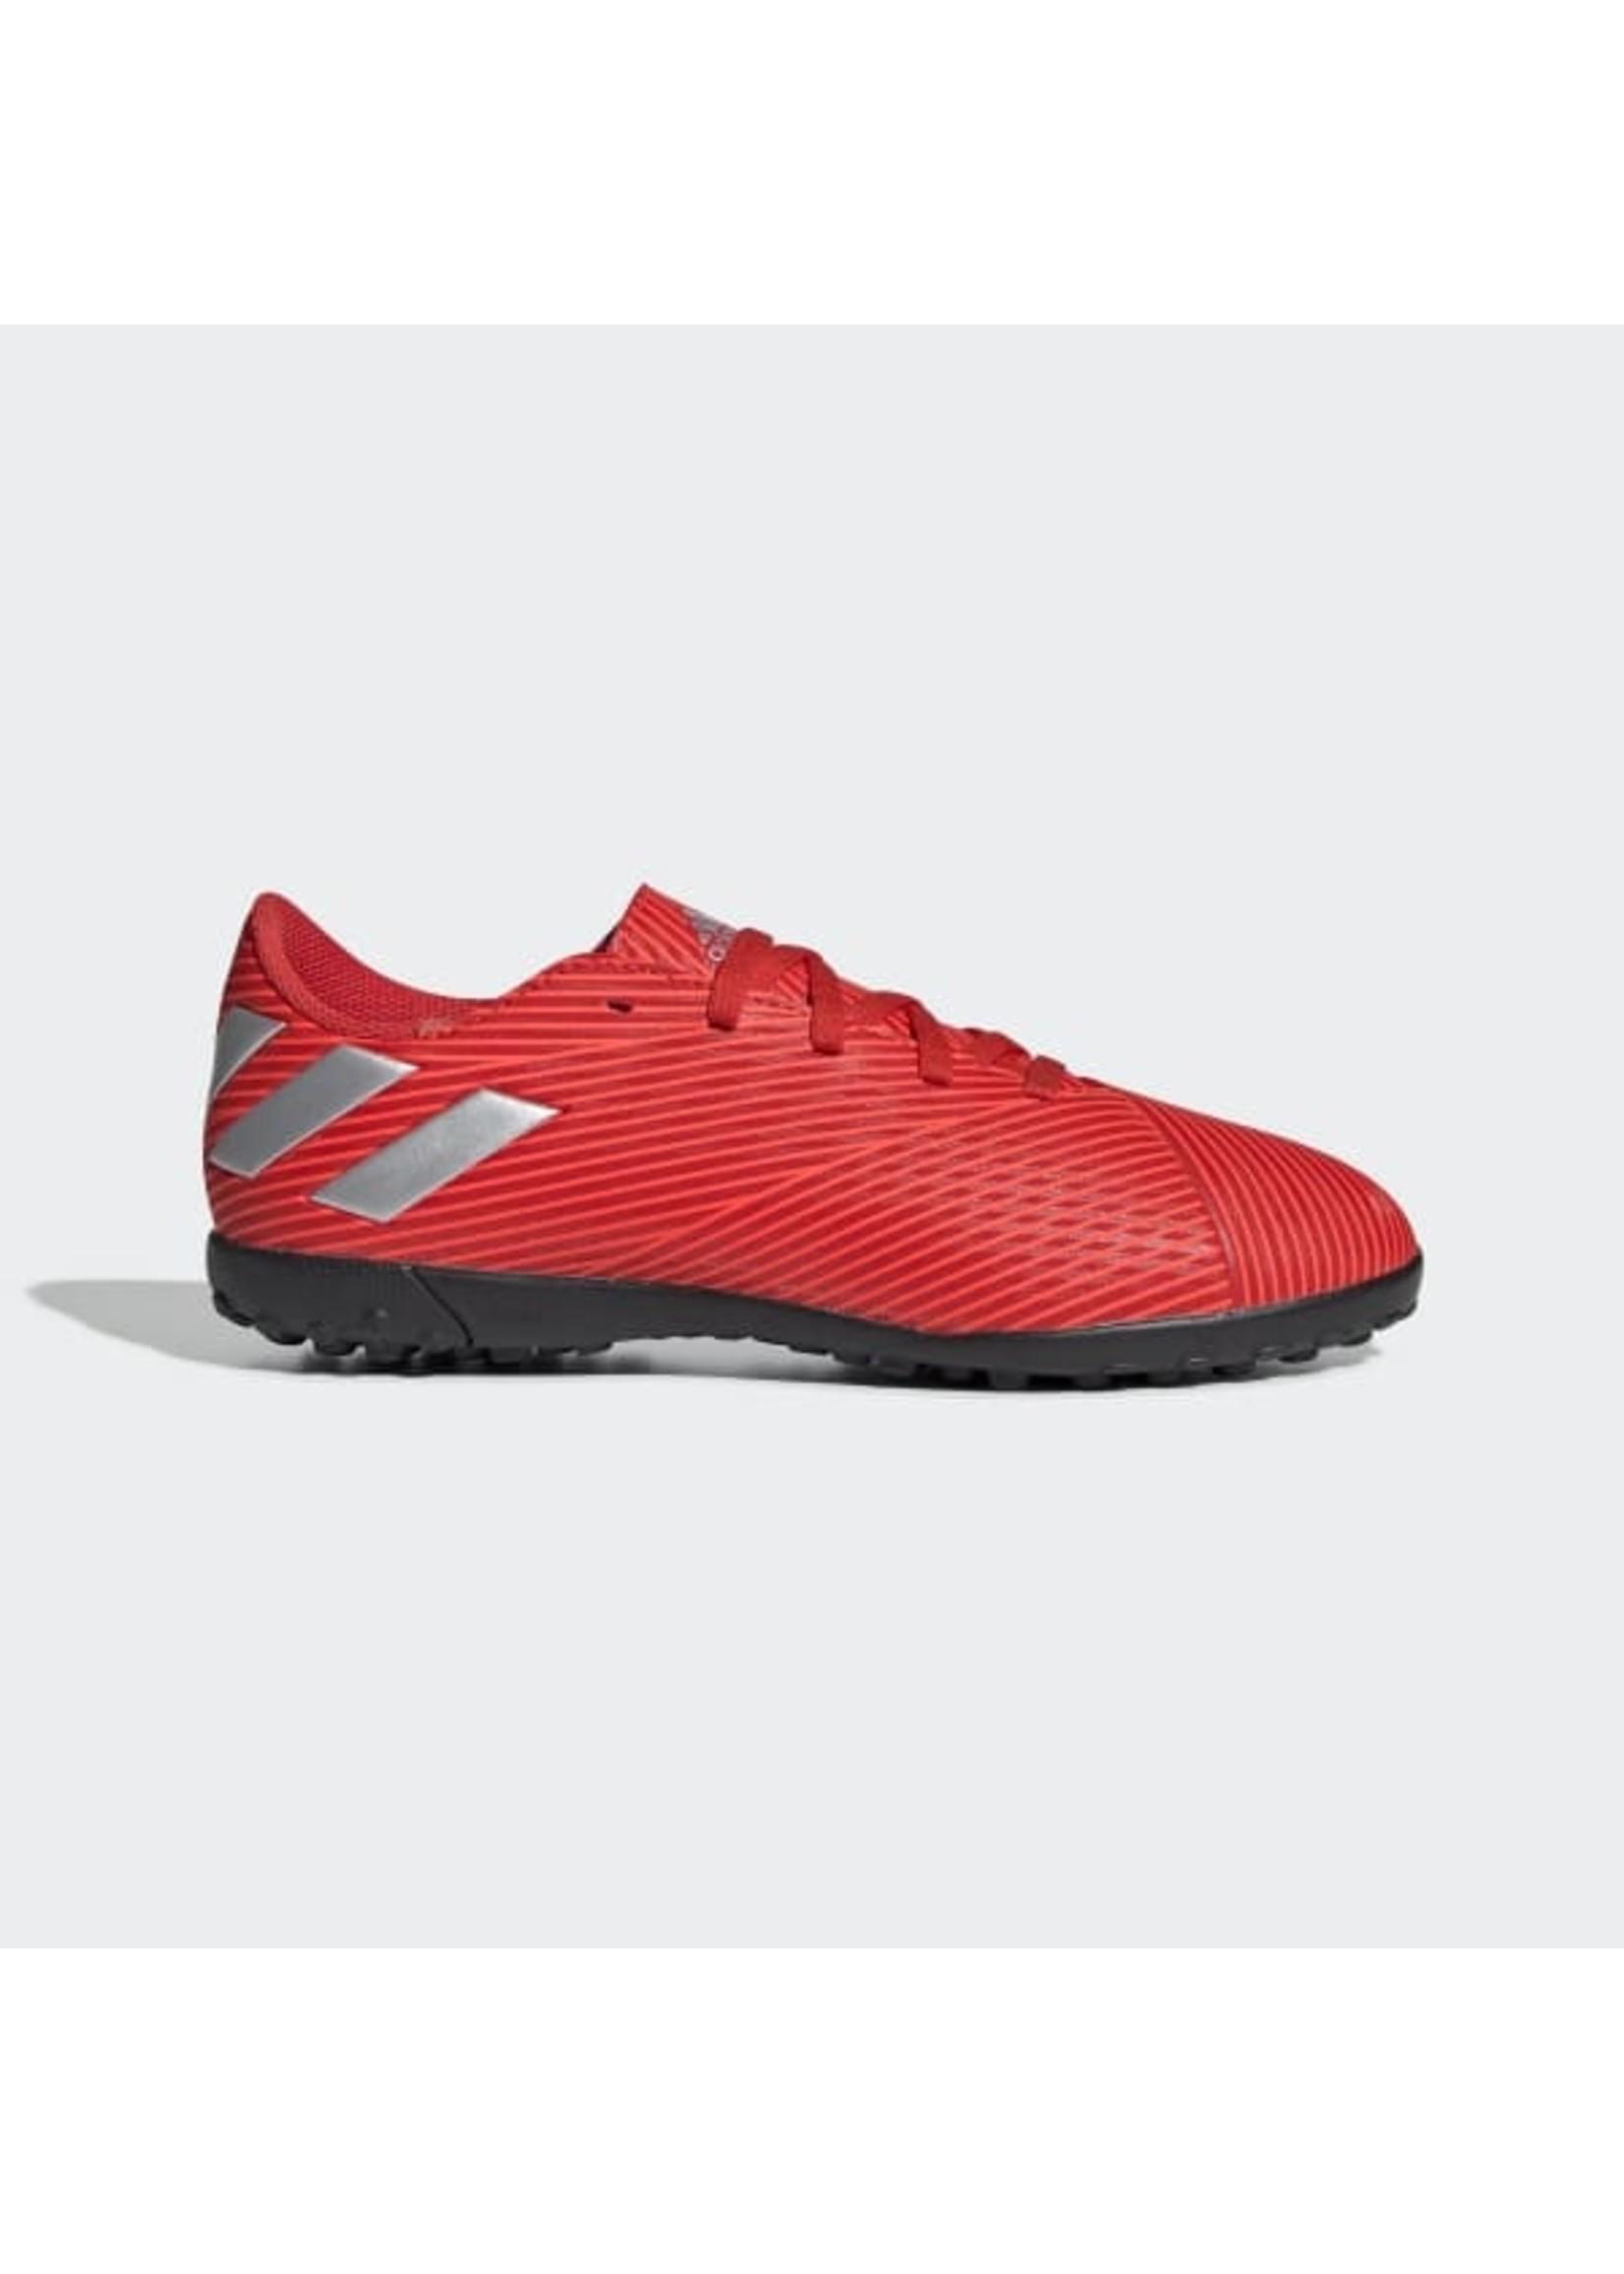 Adidas Nemeziz 19.4 TF Jr F99935